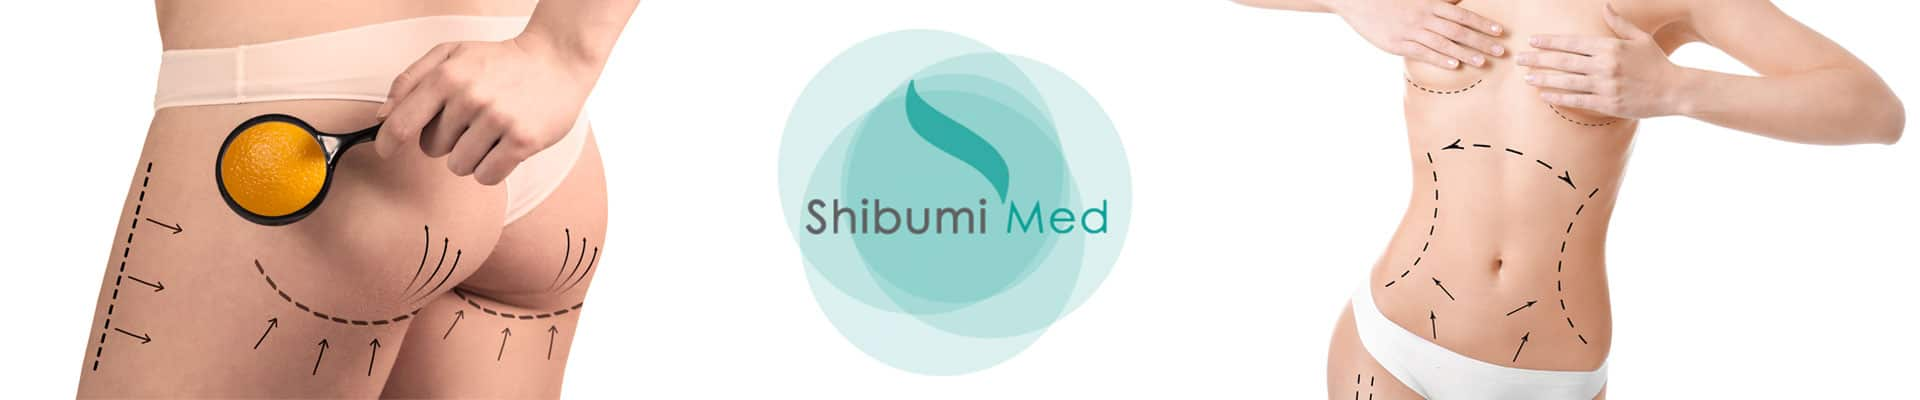 Medicina Estetica Corpo Torino ShibumiMed